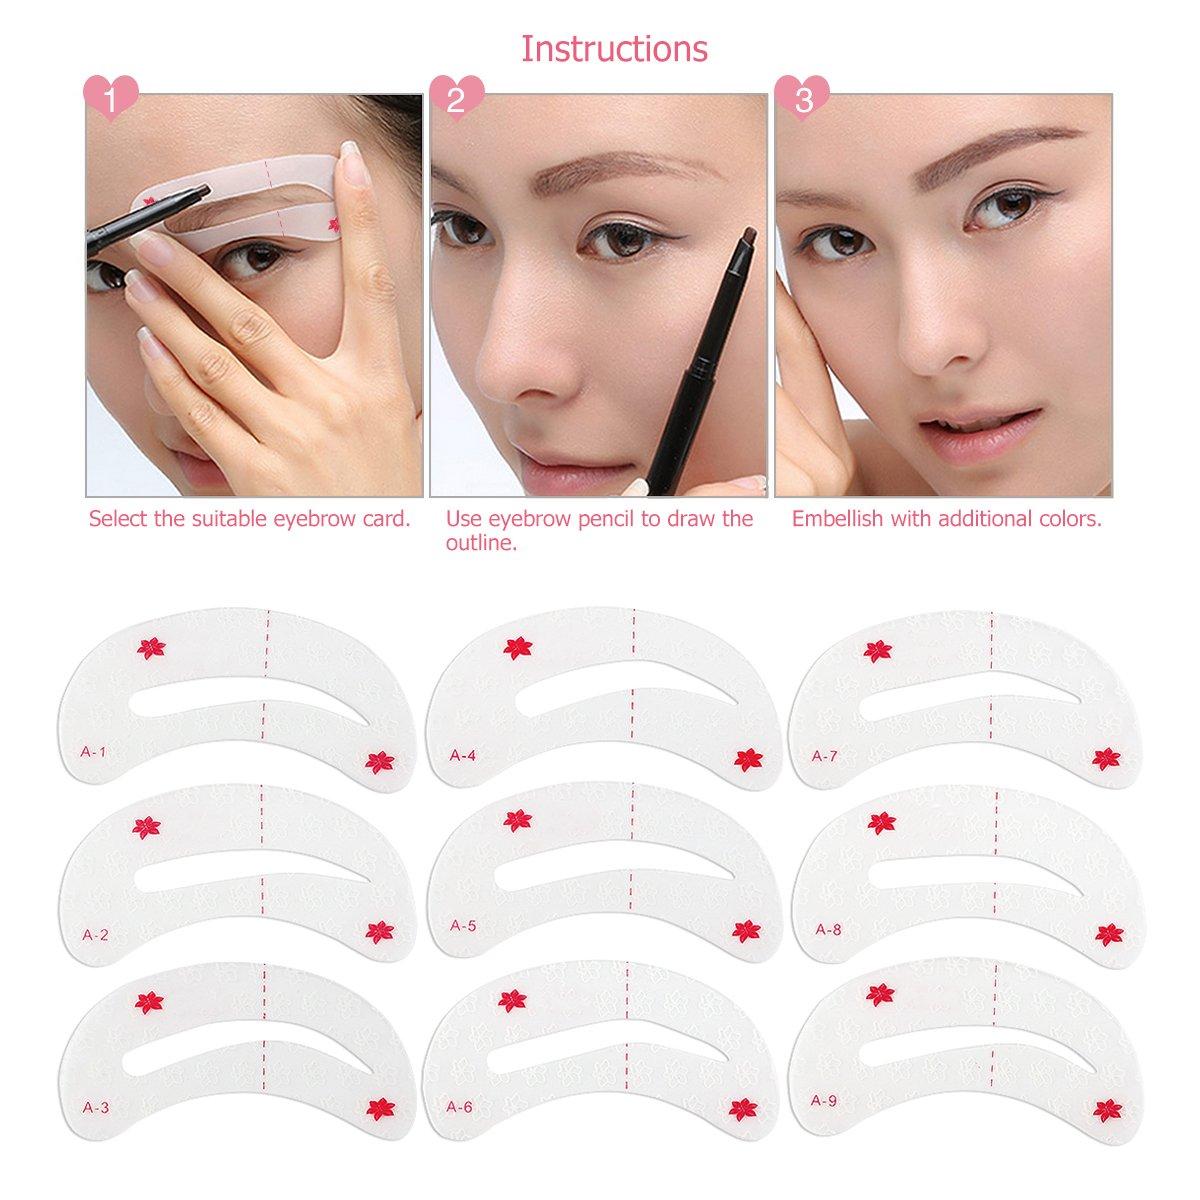 Eyebrow Shaping Stencils, Eyebrow Grooming Stencil Kit, Eyebrow Grooming Card Shaping Templates DIY Tools,9 Styles